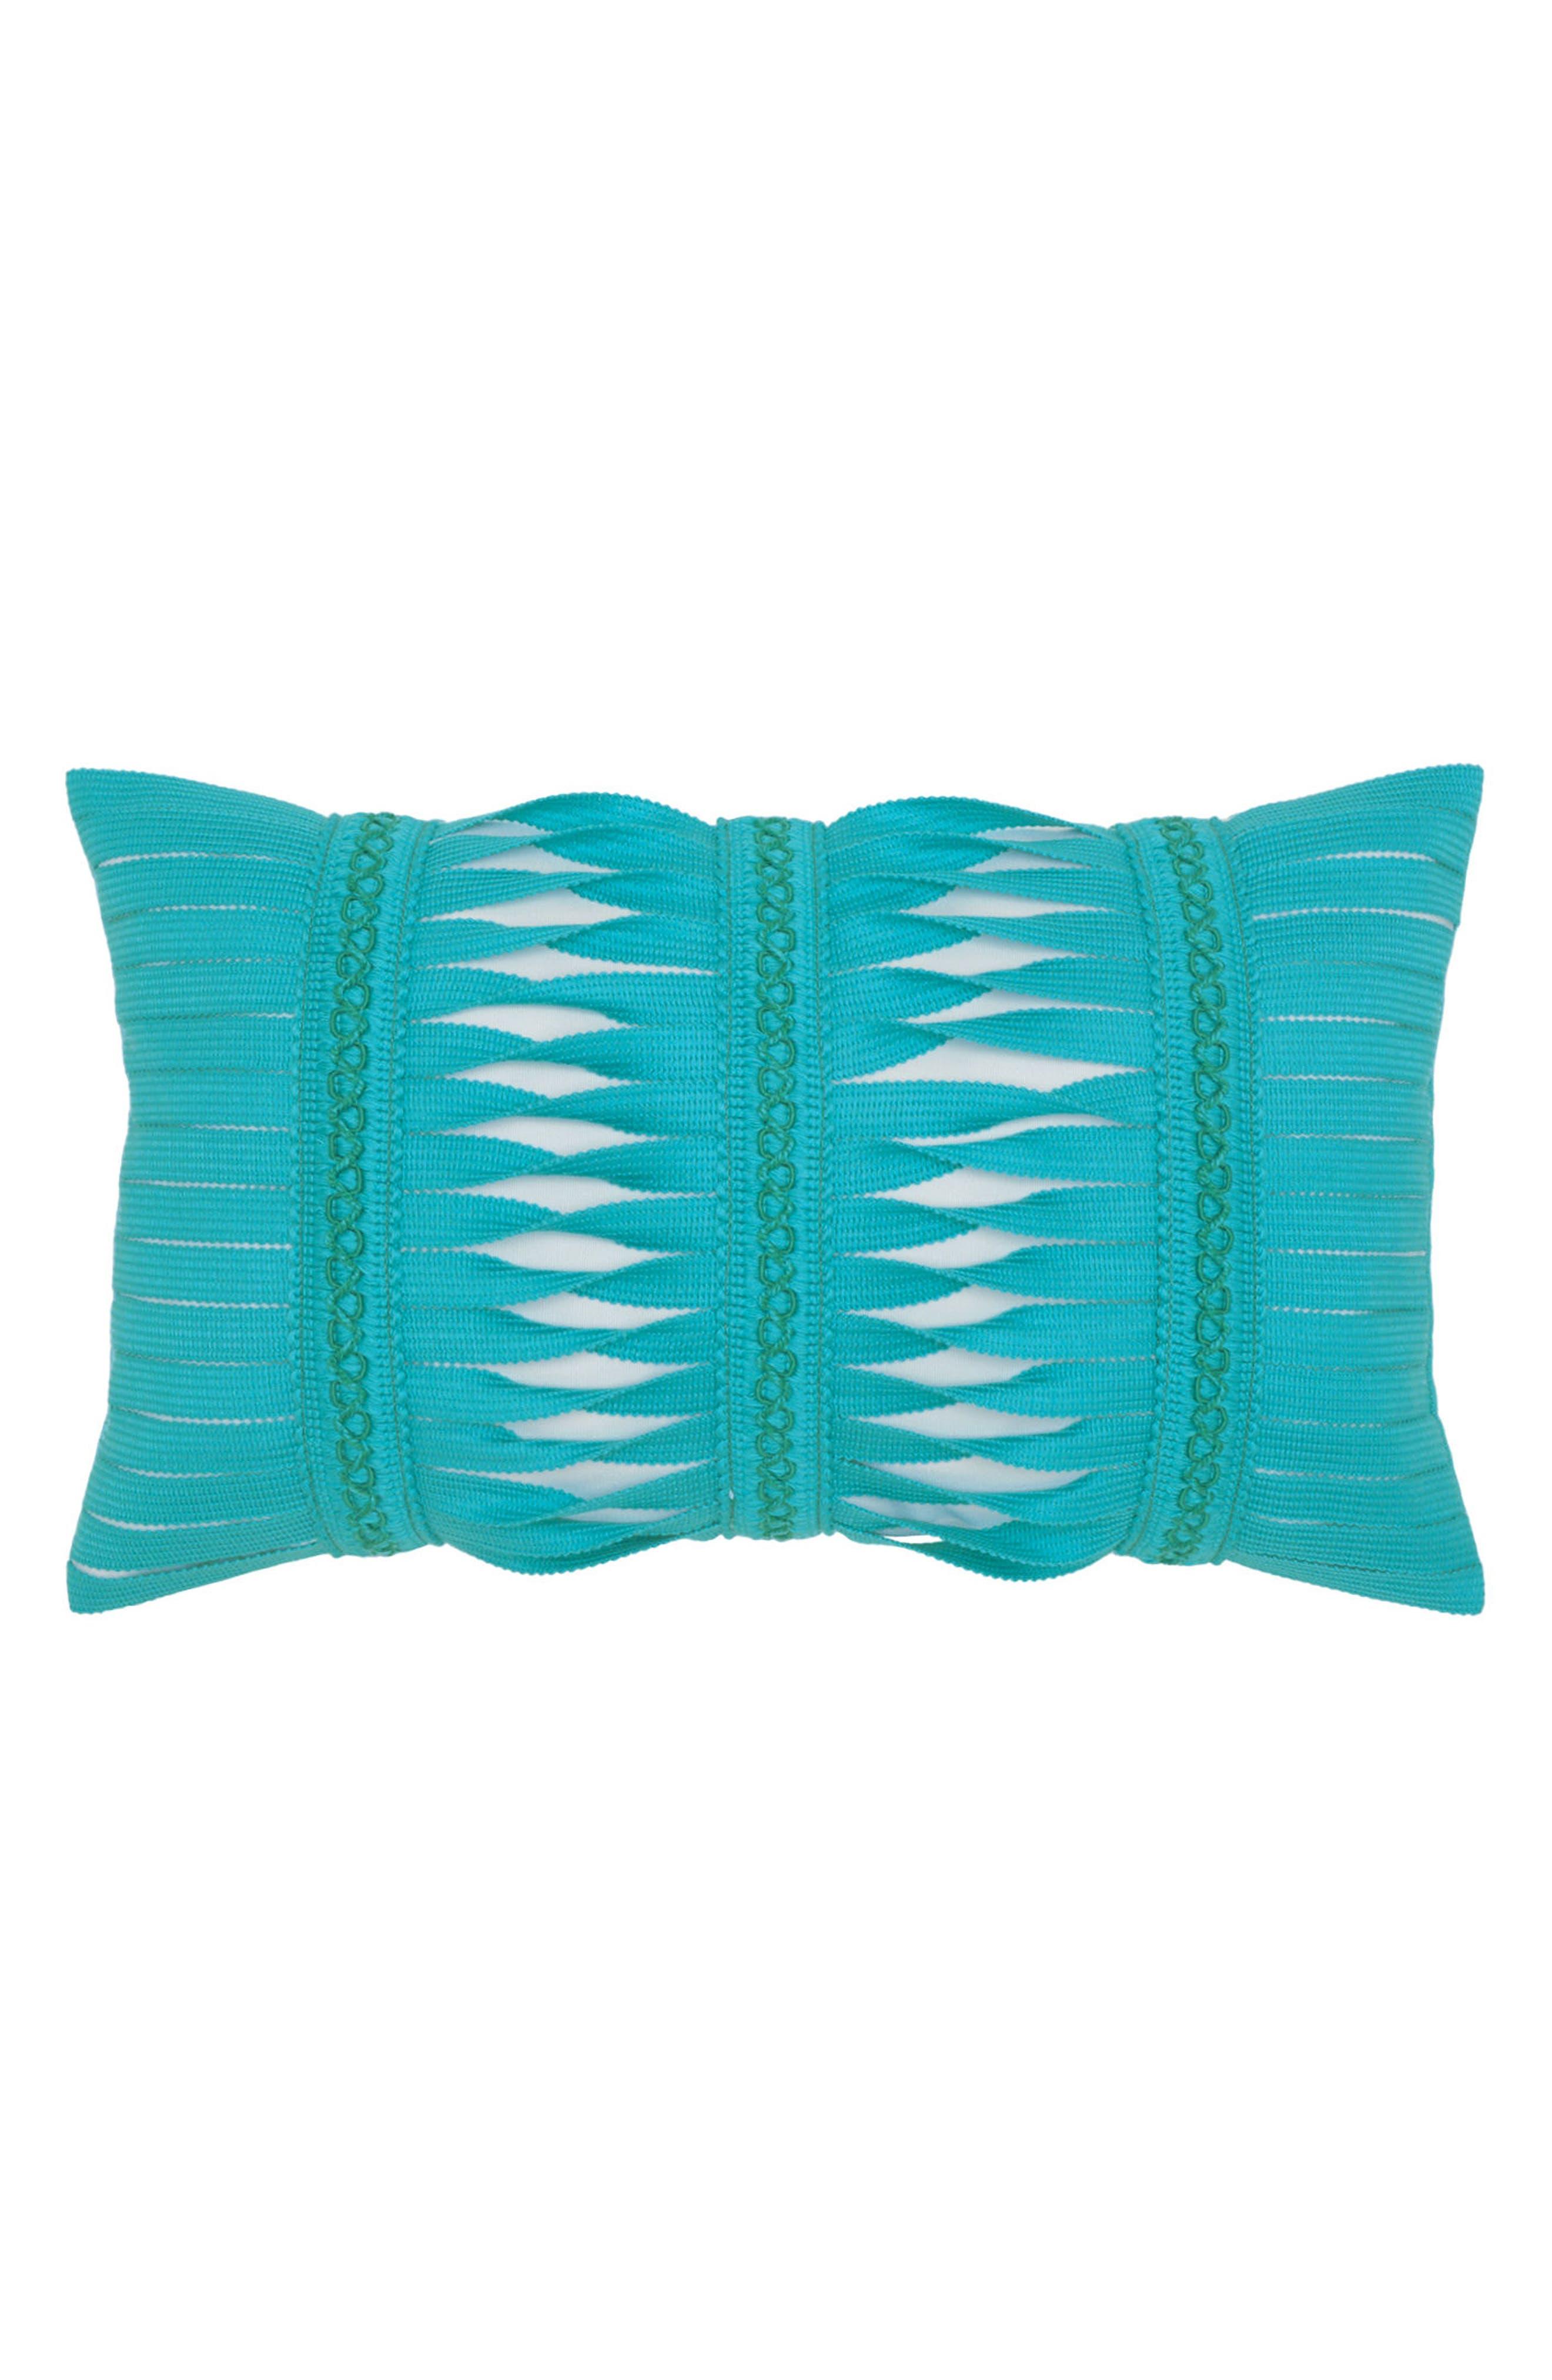 Gladiator Aruba Lumbar Pillow,                         Main,                         color, 400